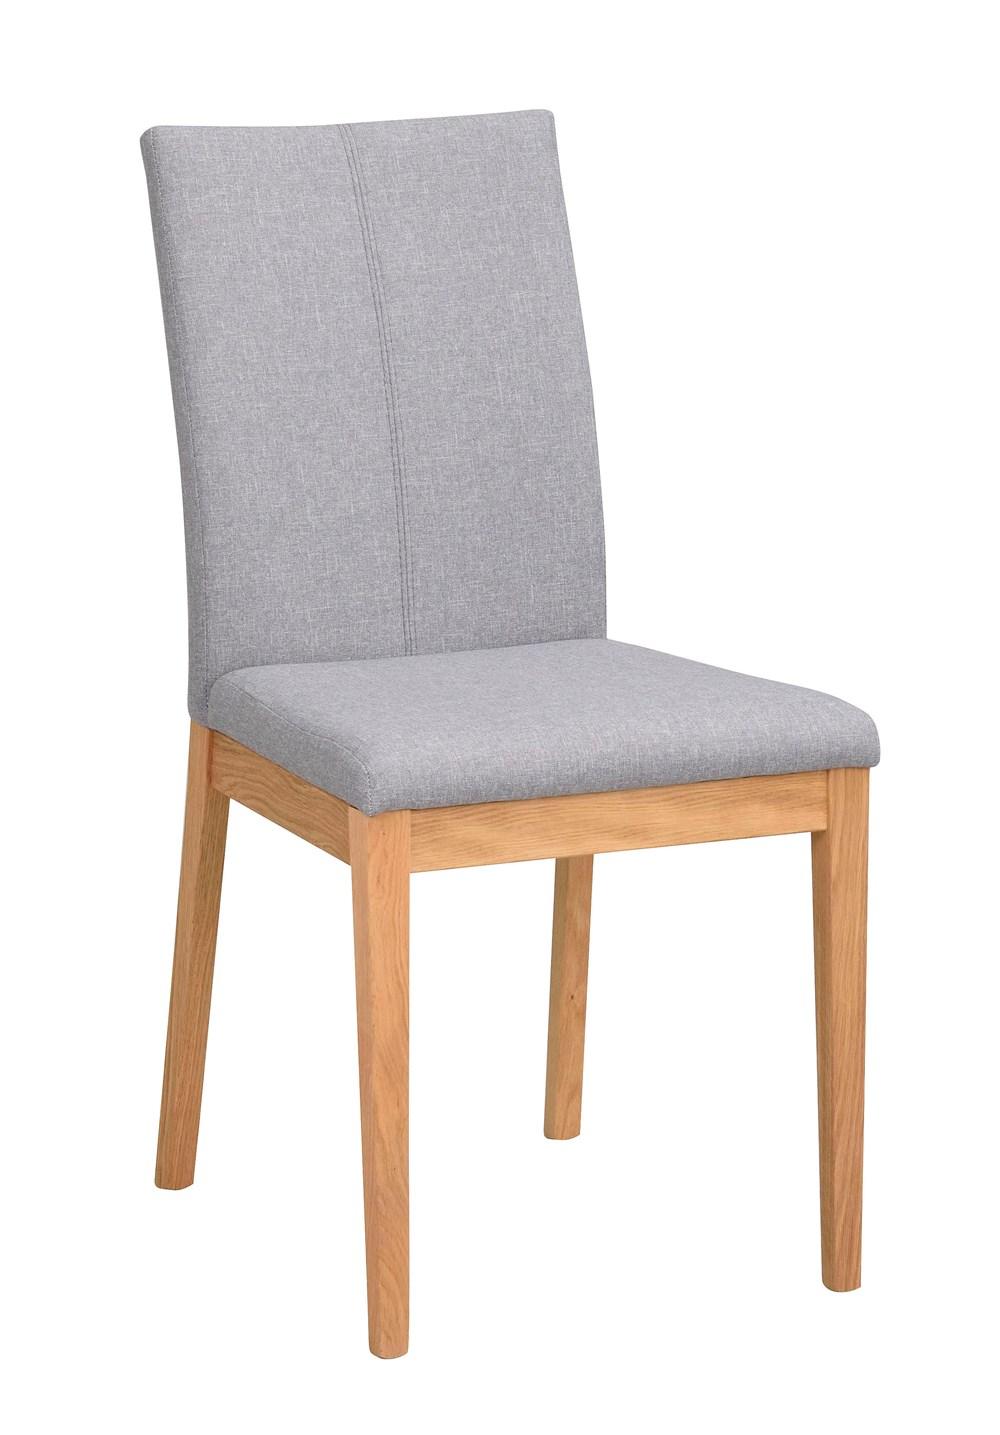 Amanda tuoli vaaleanharmaa/tammi, Rowico